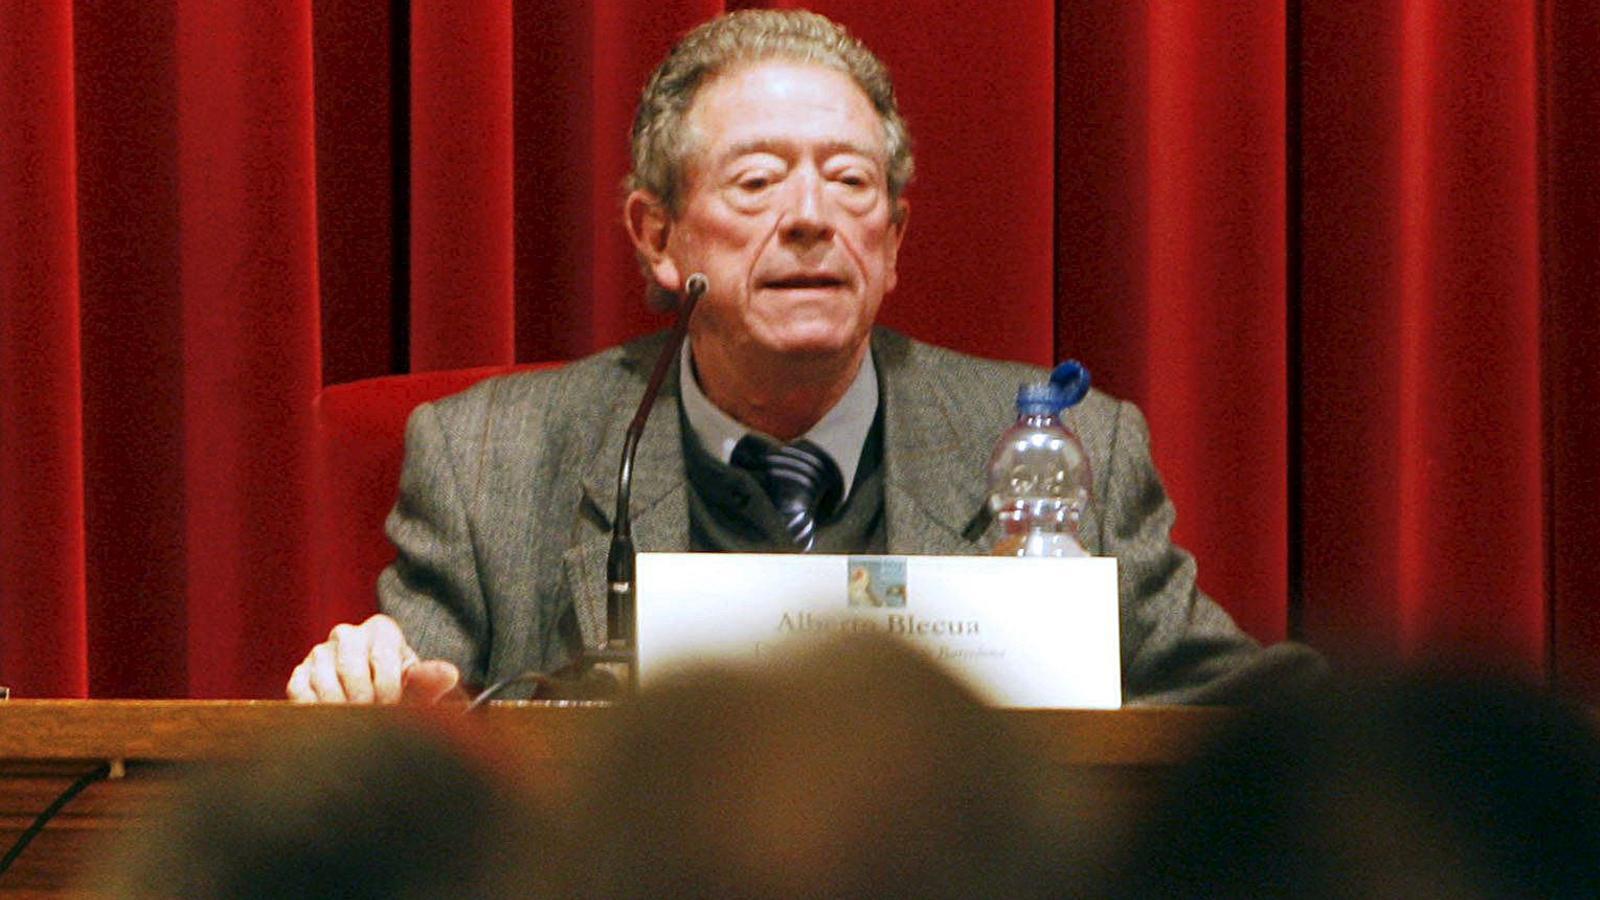 El filòleg Alberto Blecua en una imatge d'arxiu